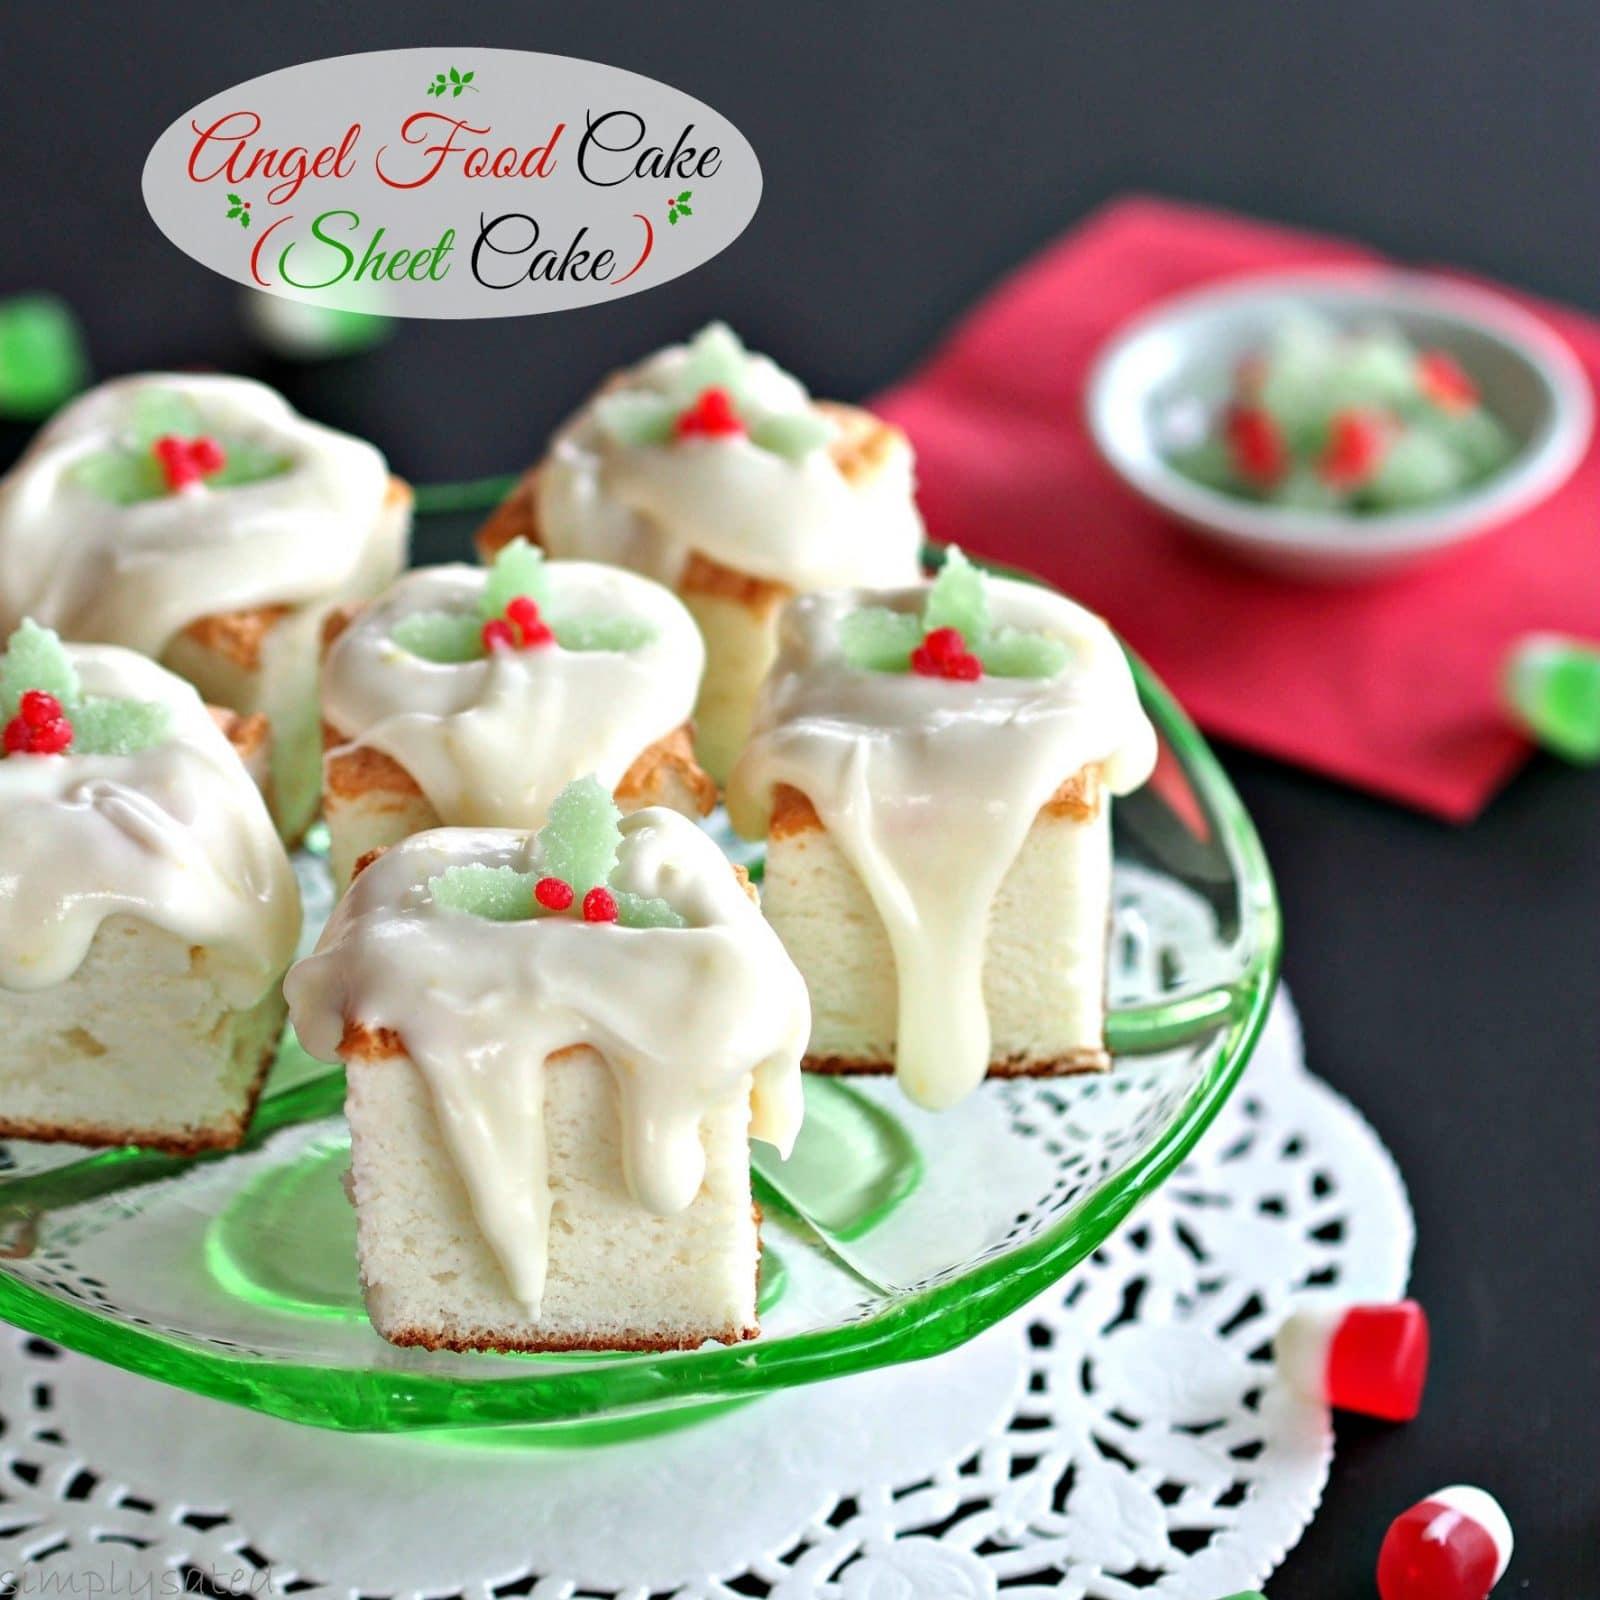 Angel Food Cake (Sheet Cake)